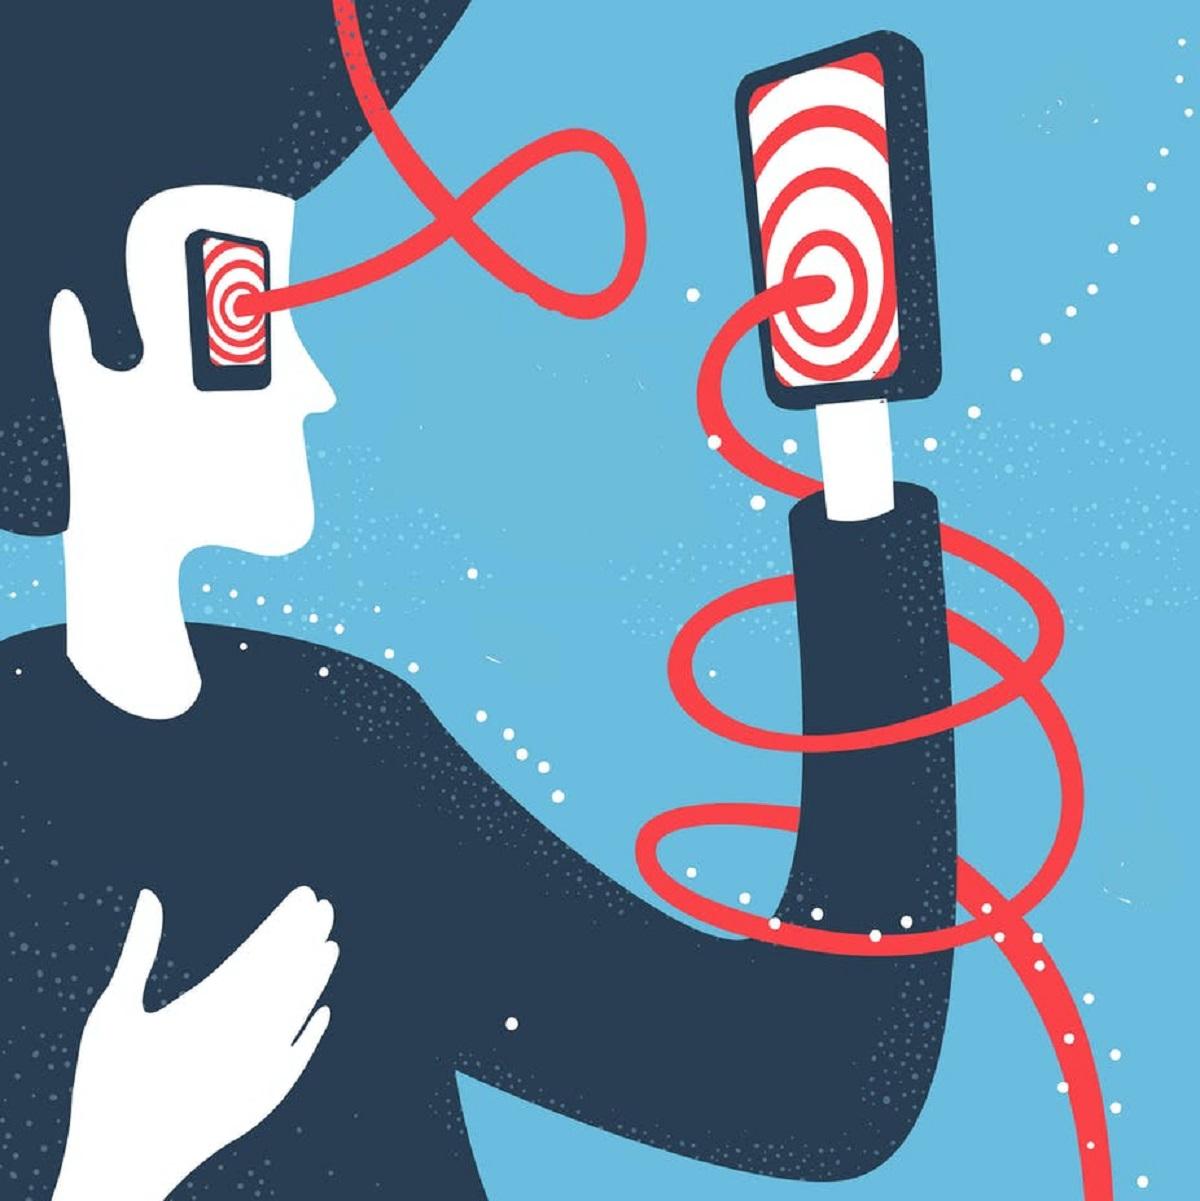 واقعیت مجازی و افزوده و بیماری سایبری